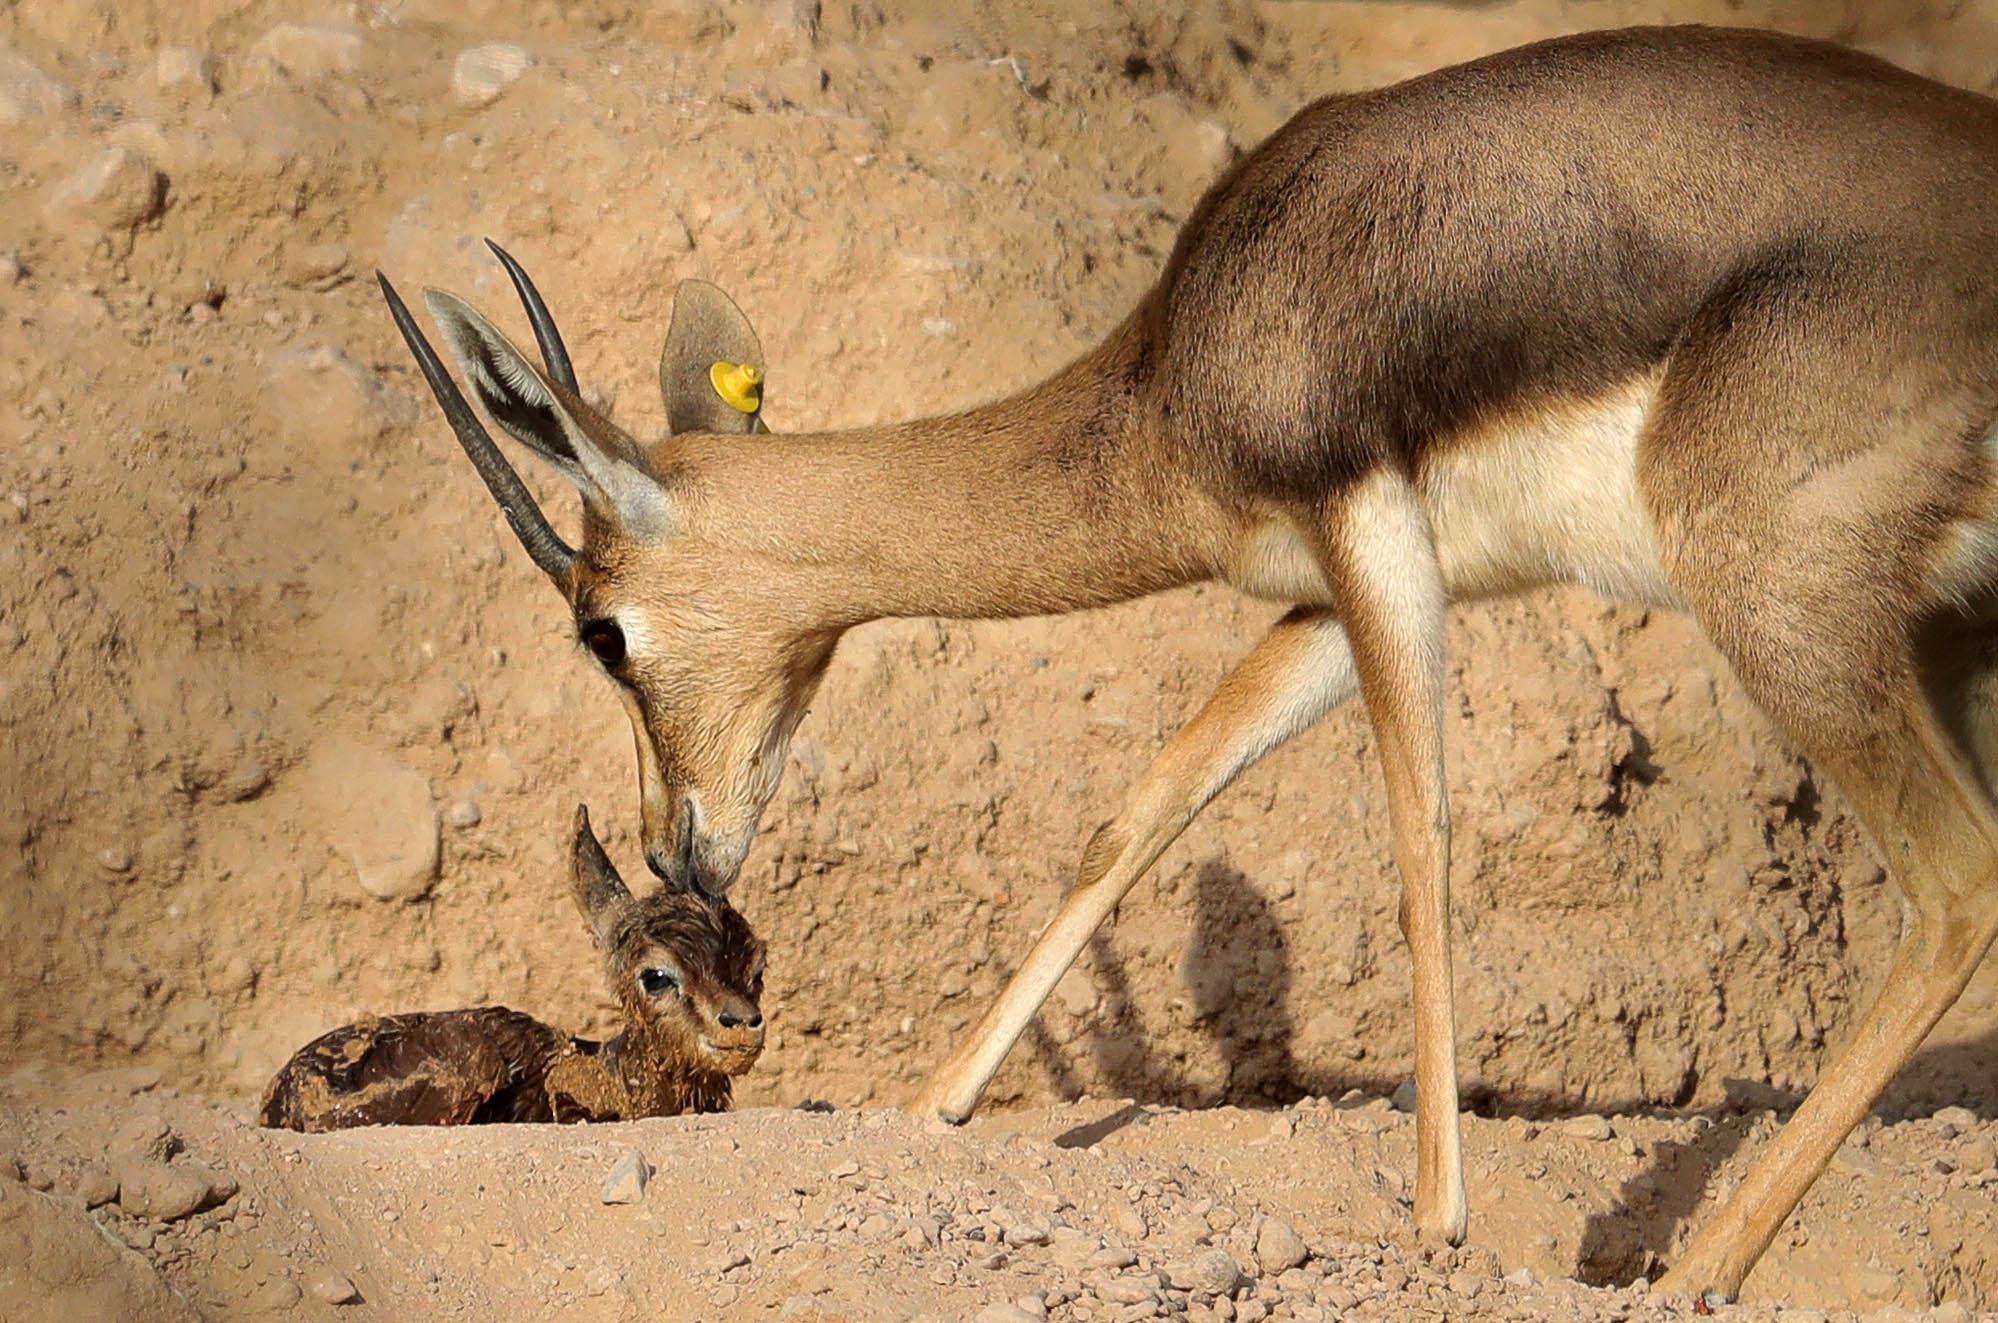 حديقة الحيوانات بالعين تستقبل 411 مولودا منذ مطلع 2020